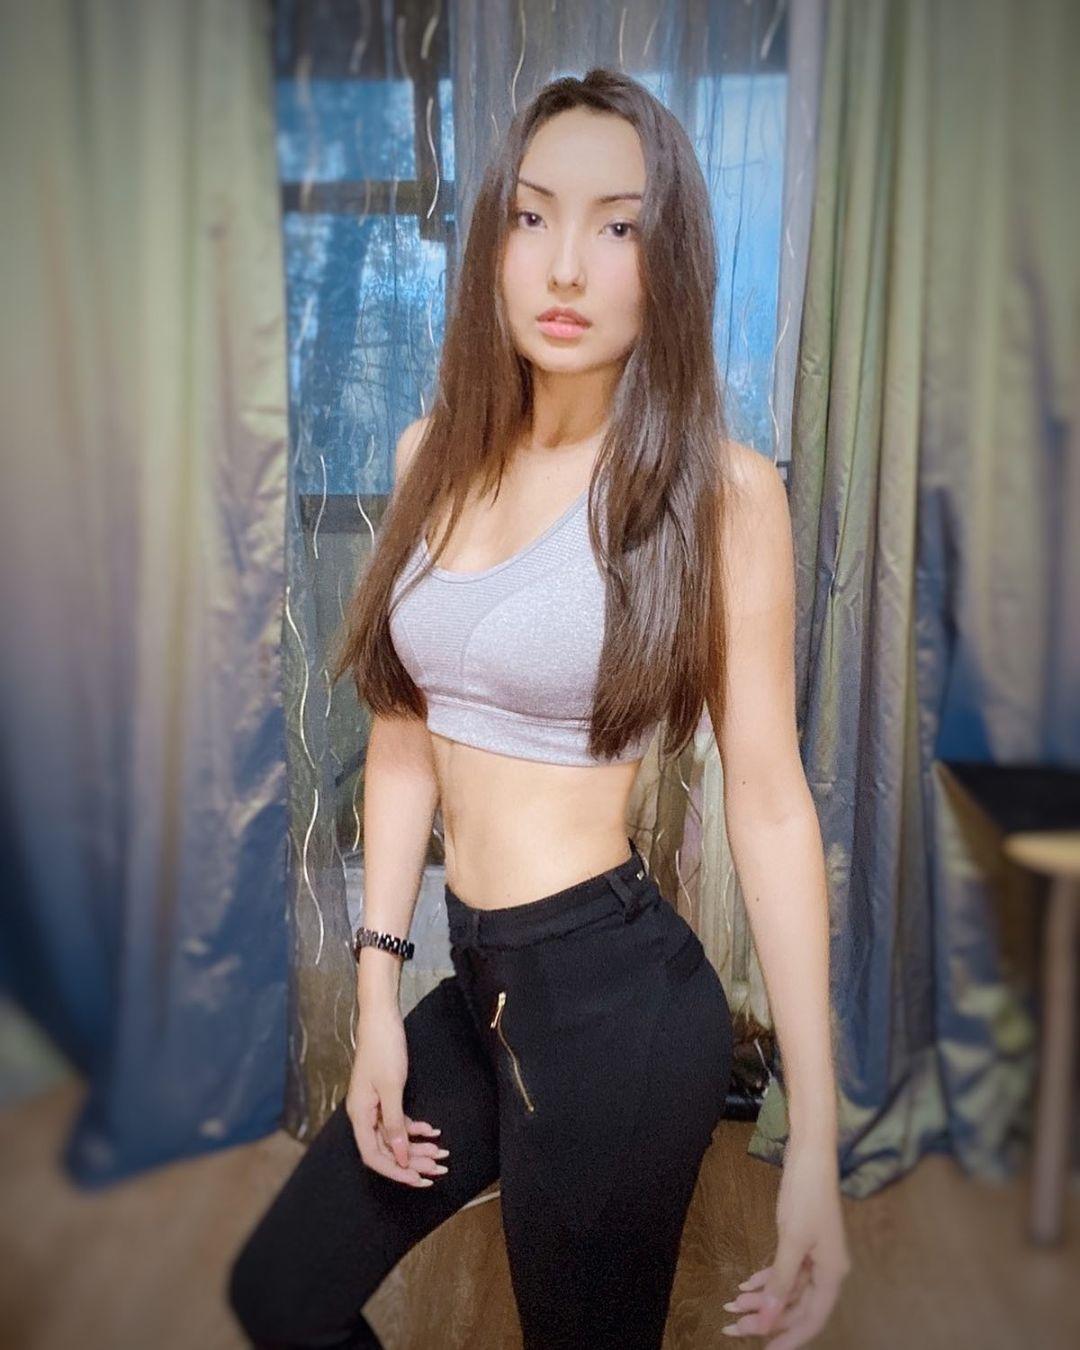 Супер киберспортсменка – Айгера Дунамис 🔥 - Красота из Казахстана - Блоги  - Sports.ru